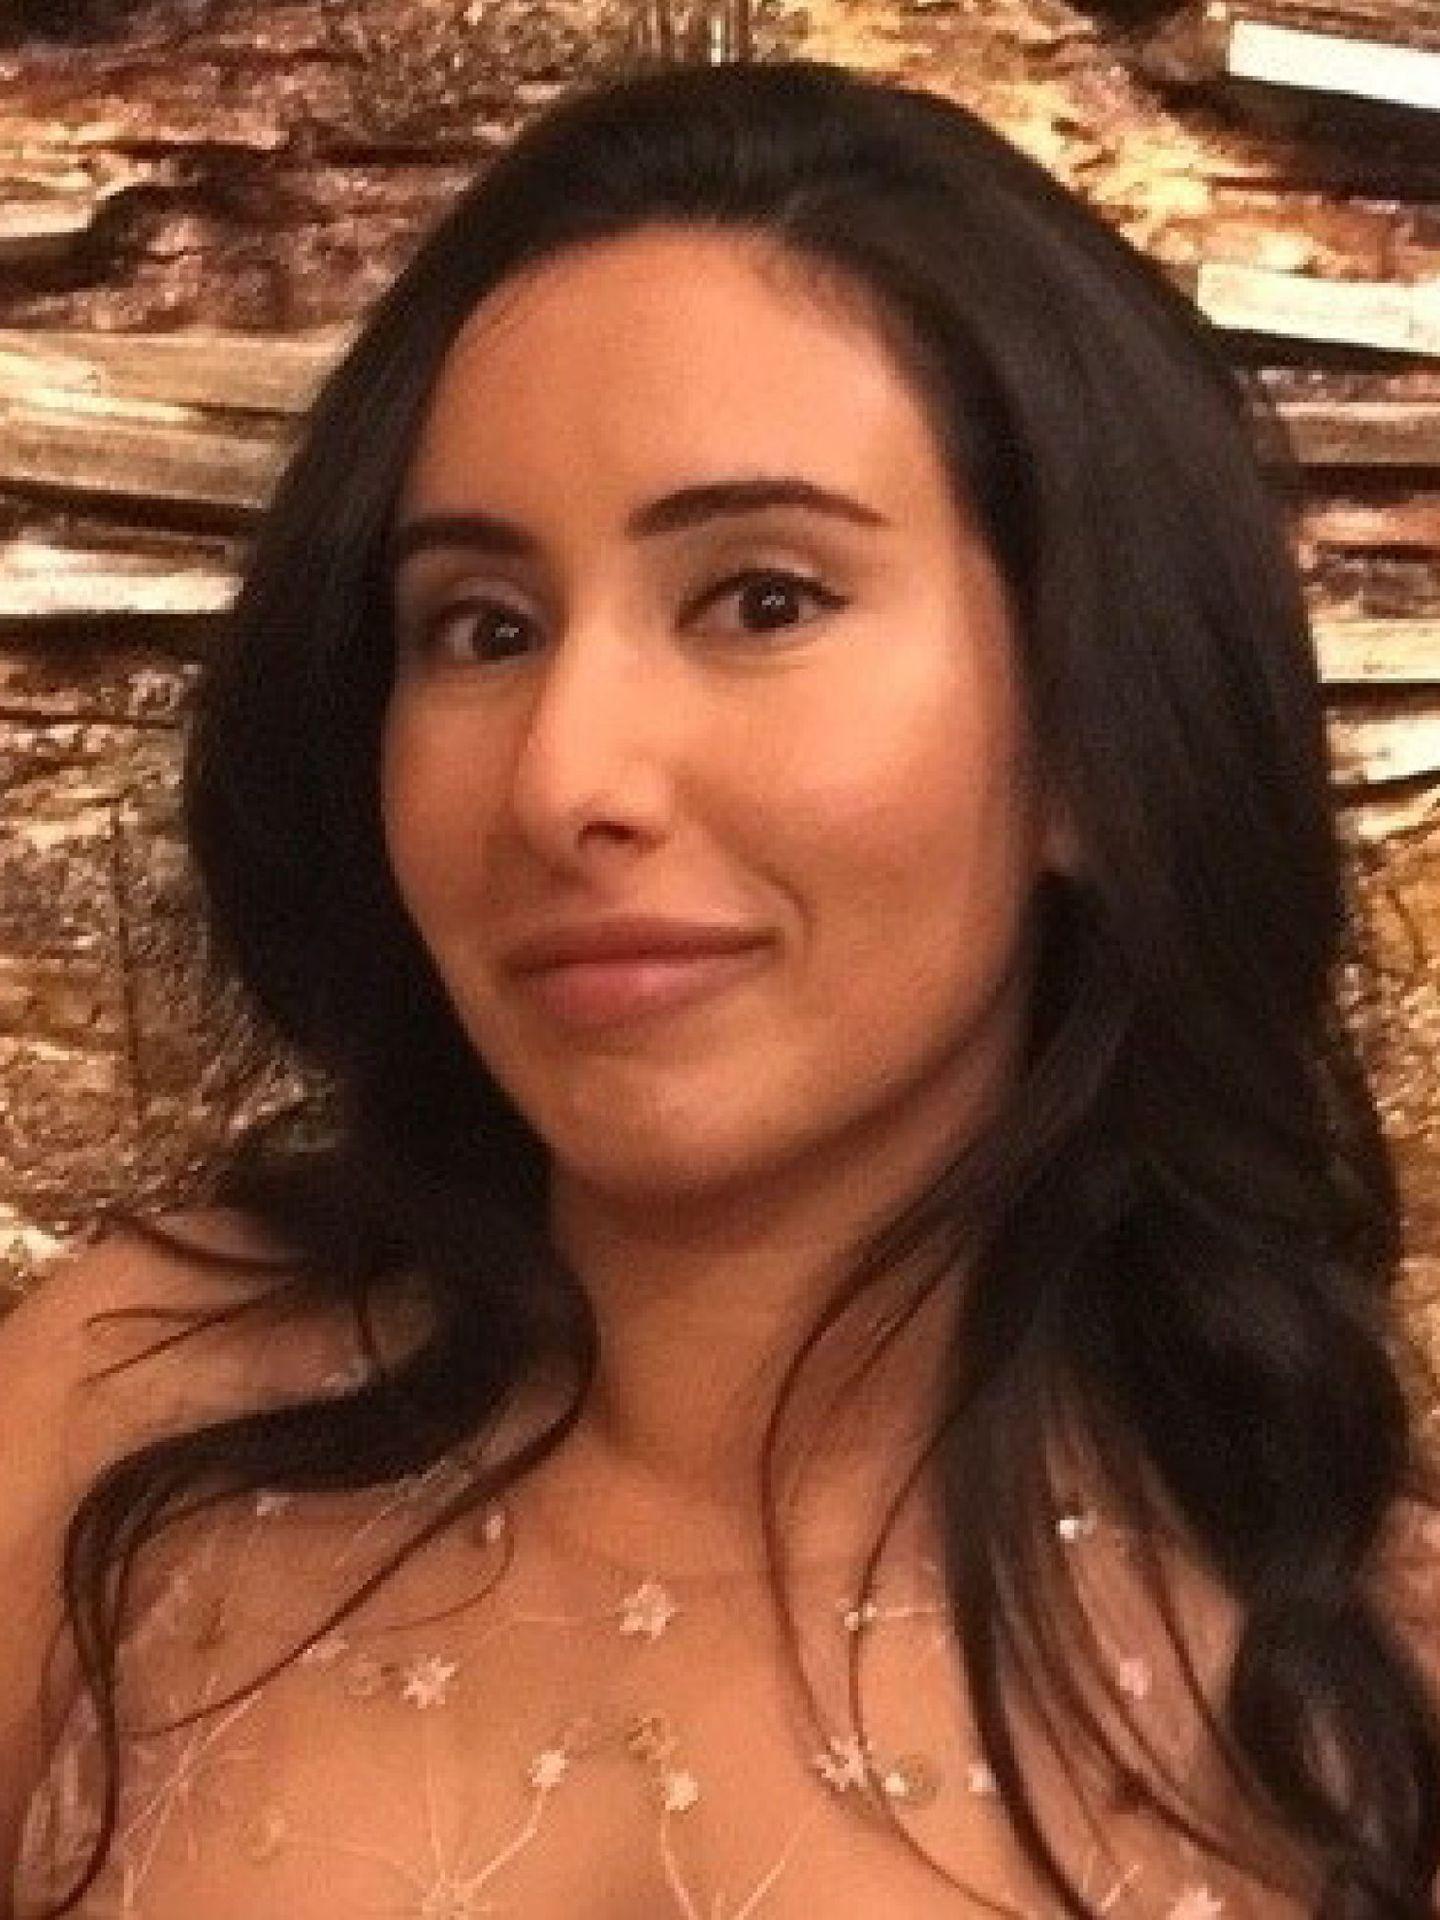 La princesa Latifa en una imagen de archivo. (EFE)